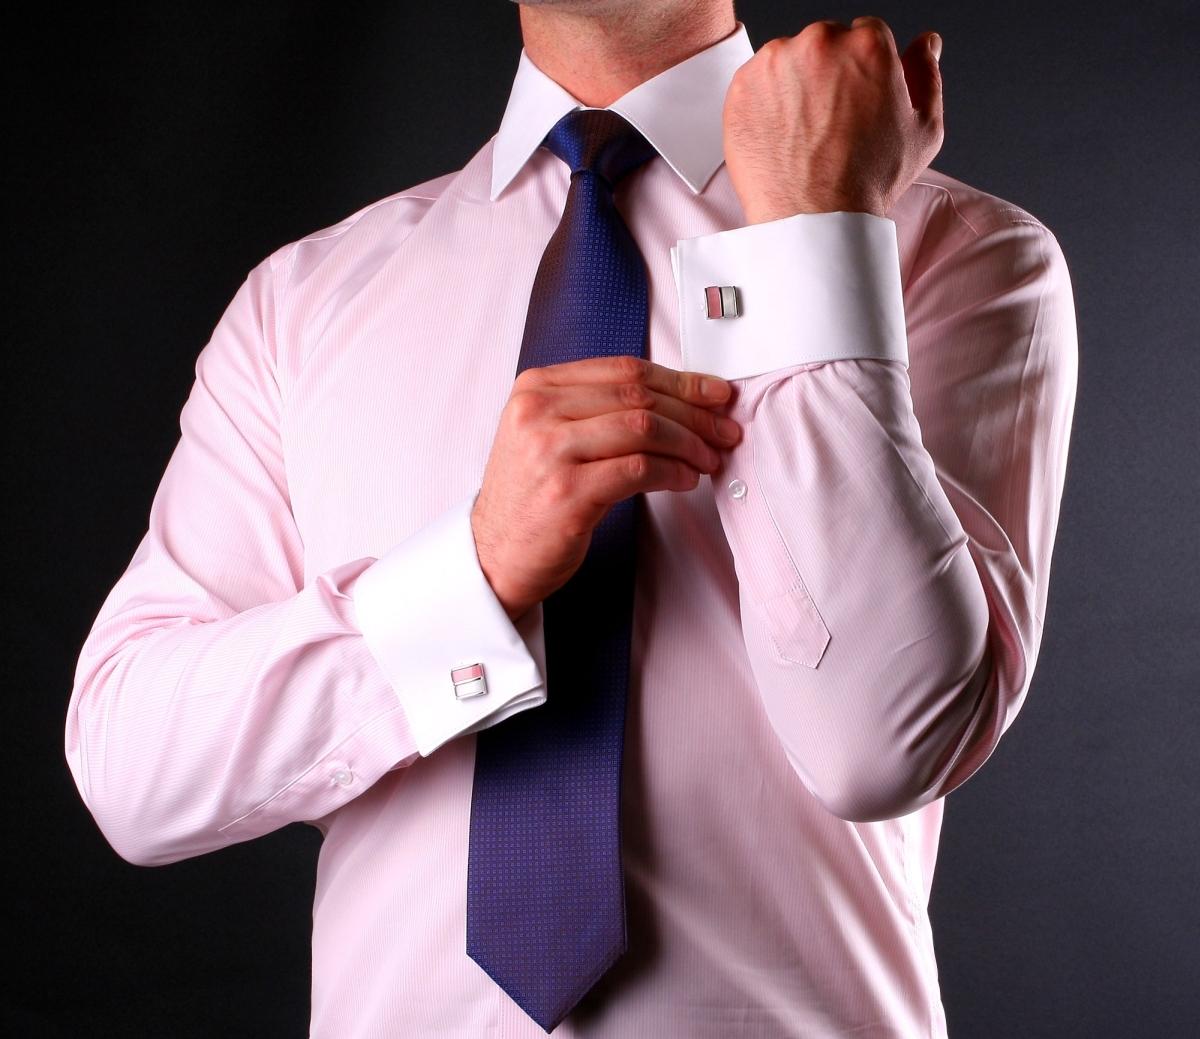 Jak kupować ubrania dobrej jakości? Krótki poradnik